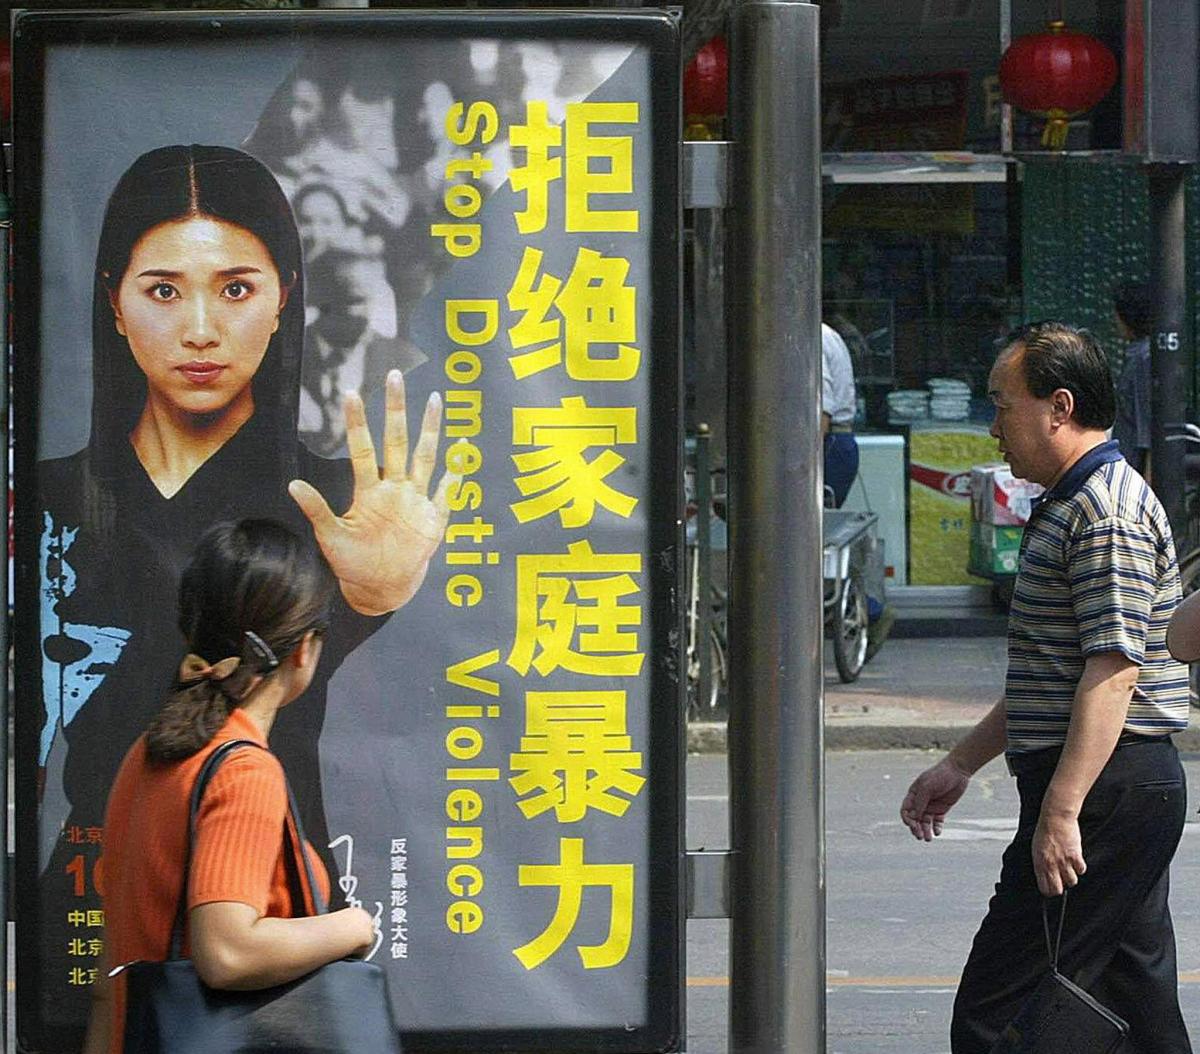 Çin'de ev içi şiddet artık suç